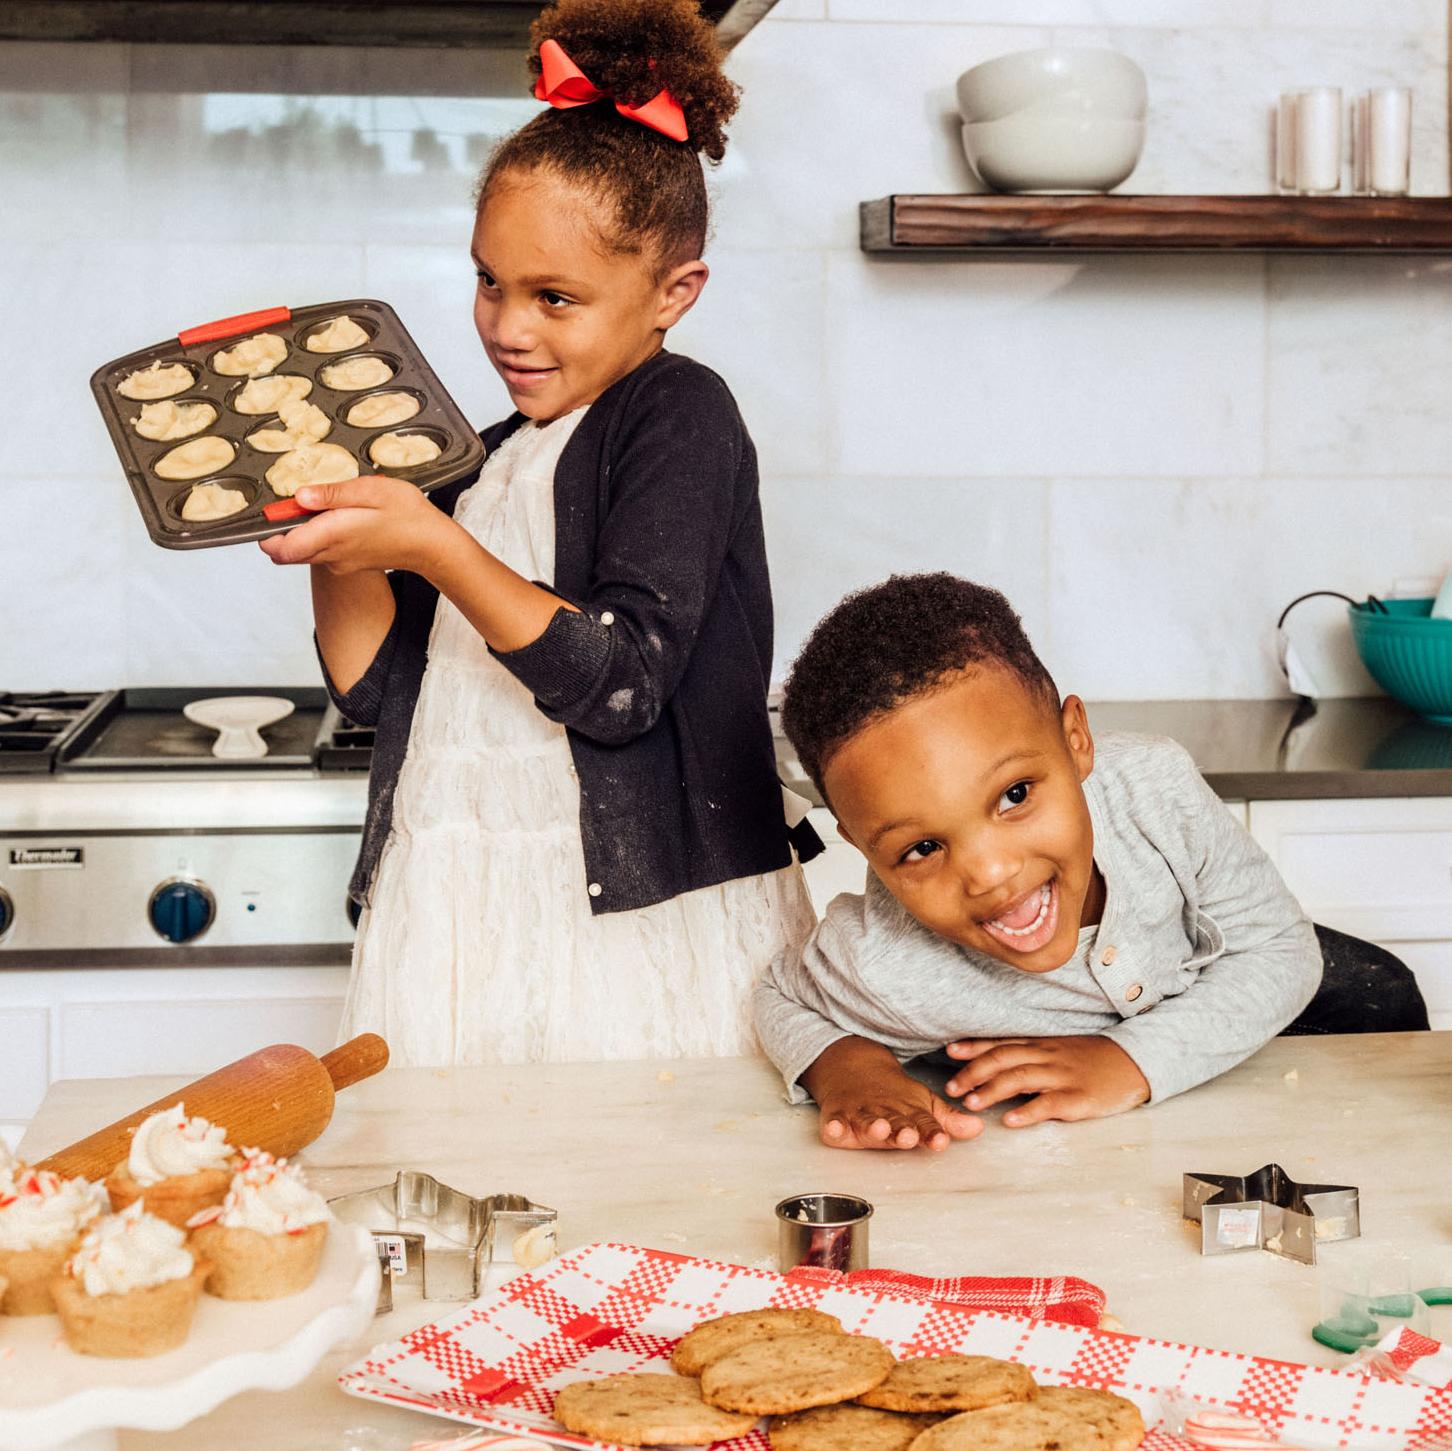 kids enjoying holiday baking